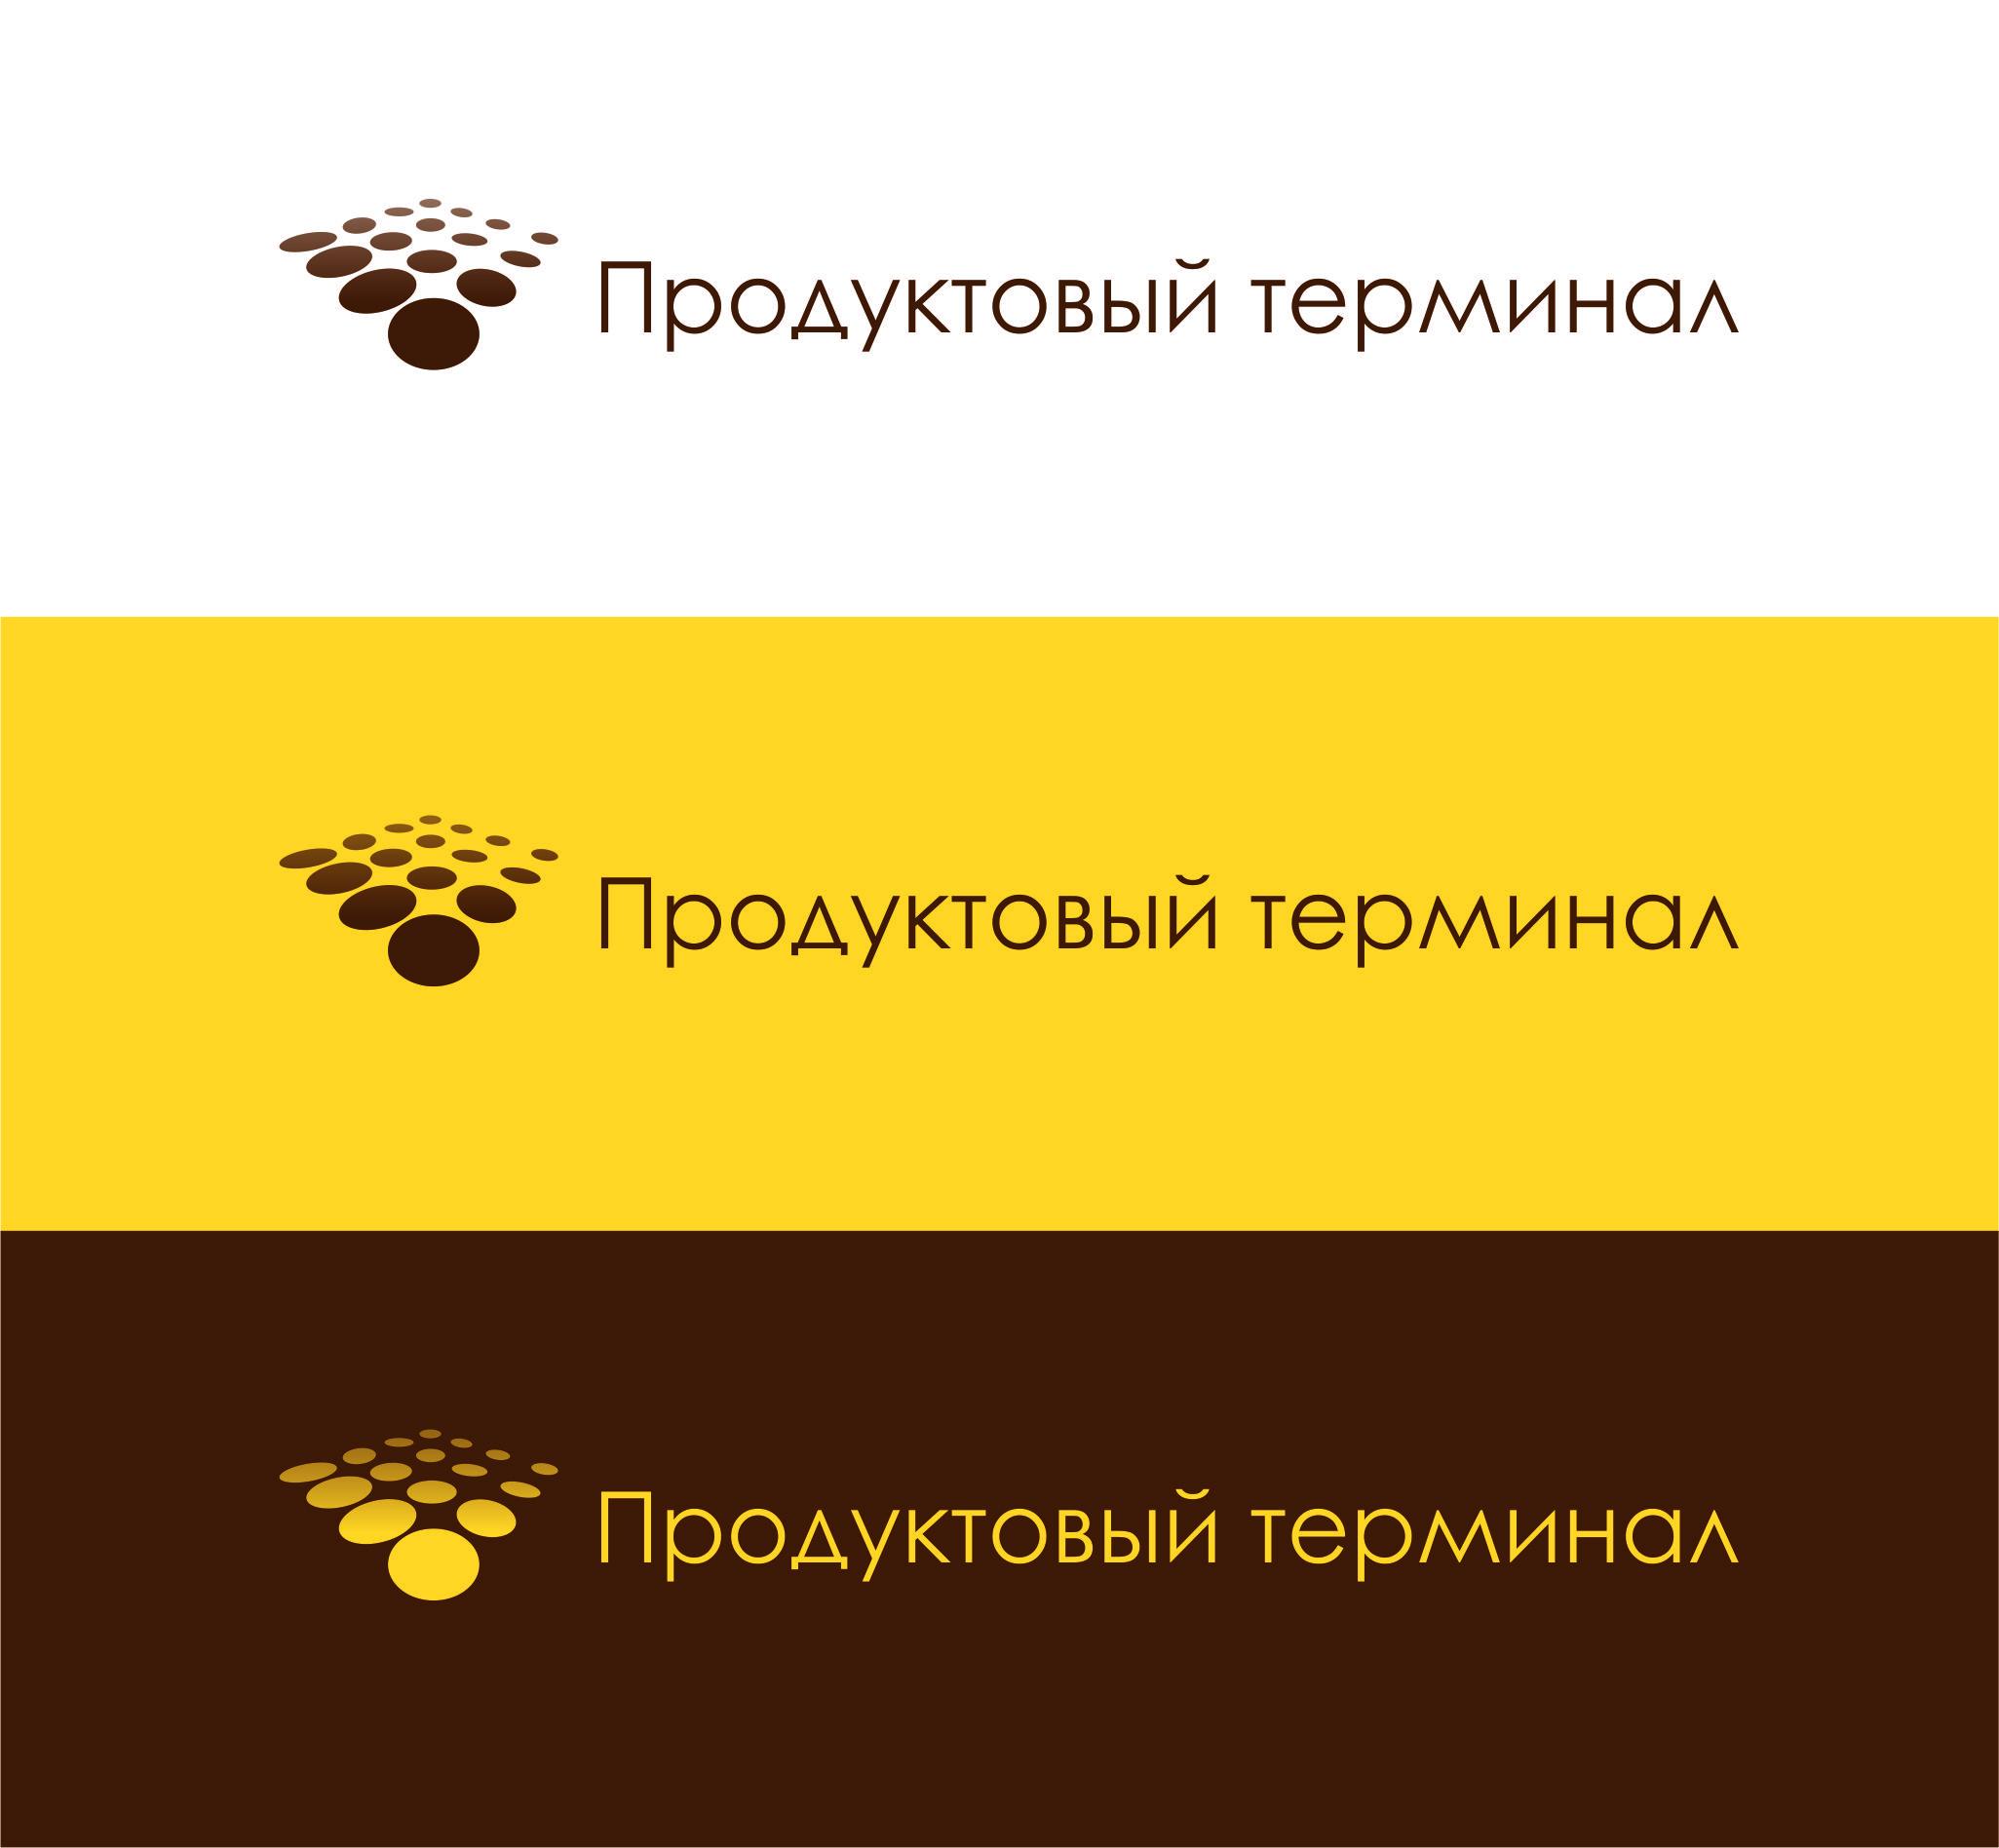 Логотип для сети продуктовых магазинов фото f_17556f906b0216c7.jpg